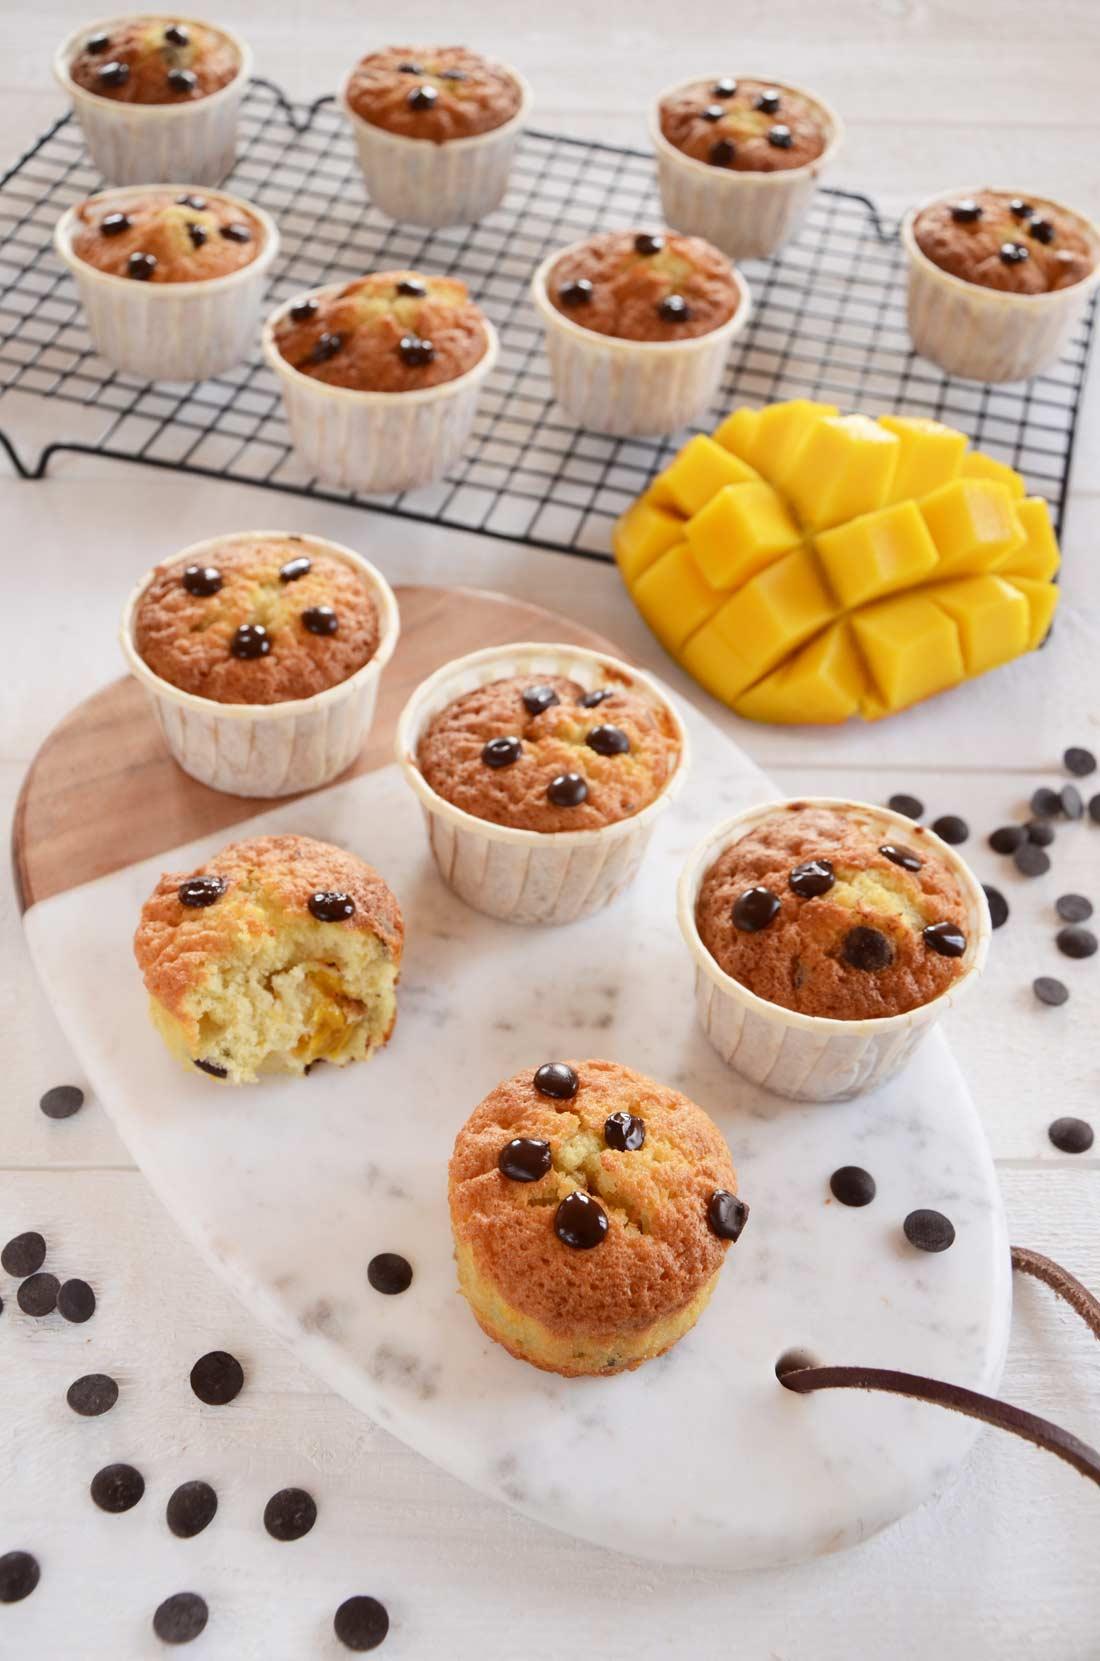 Recette de muffins mangue pépites de chocolat fait maison